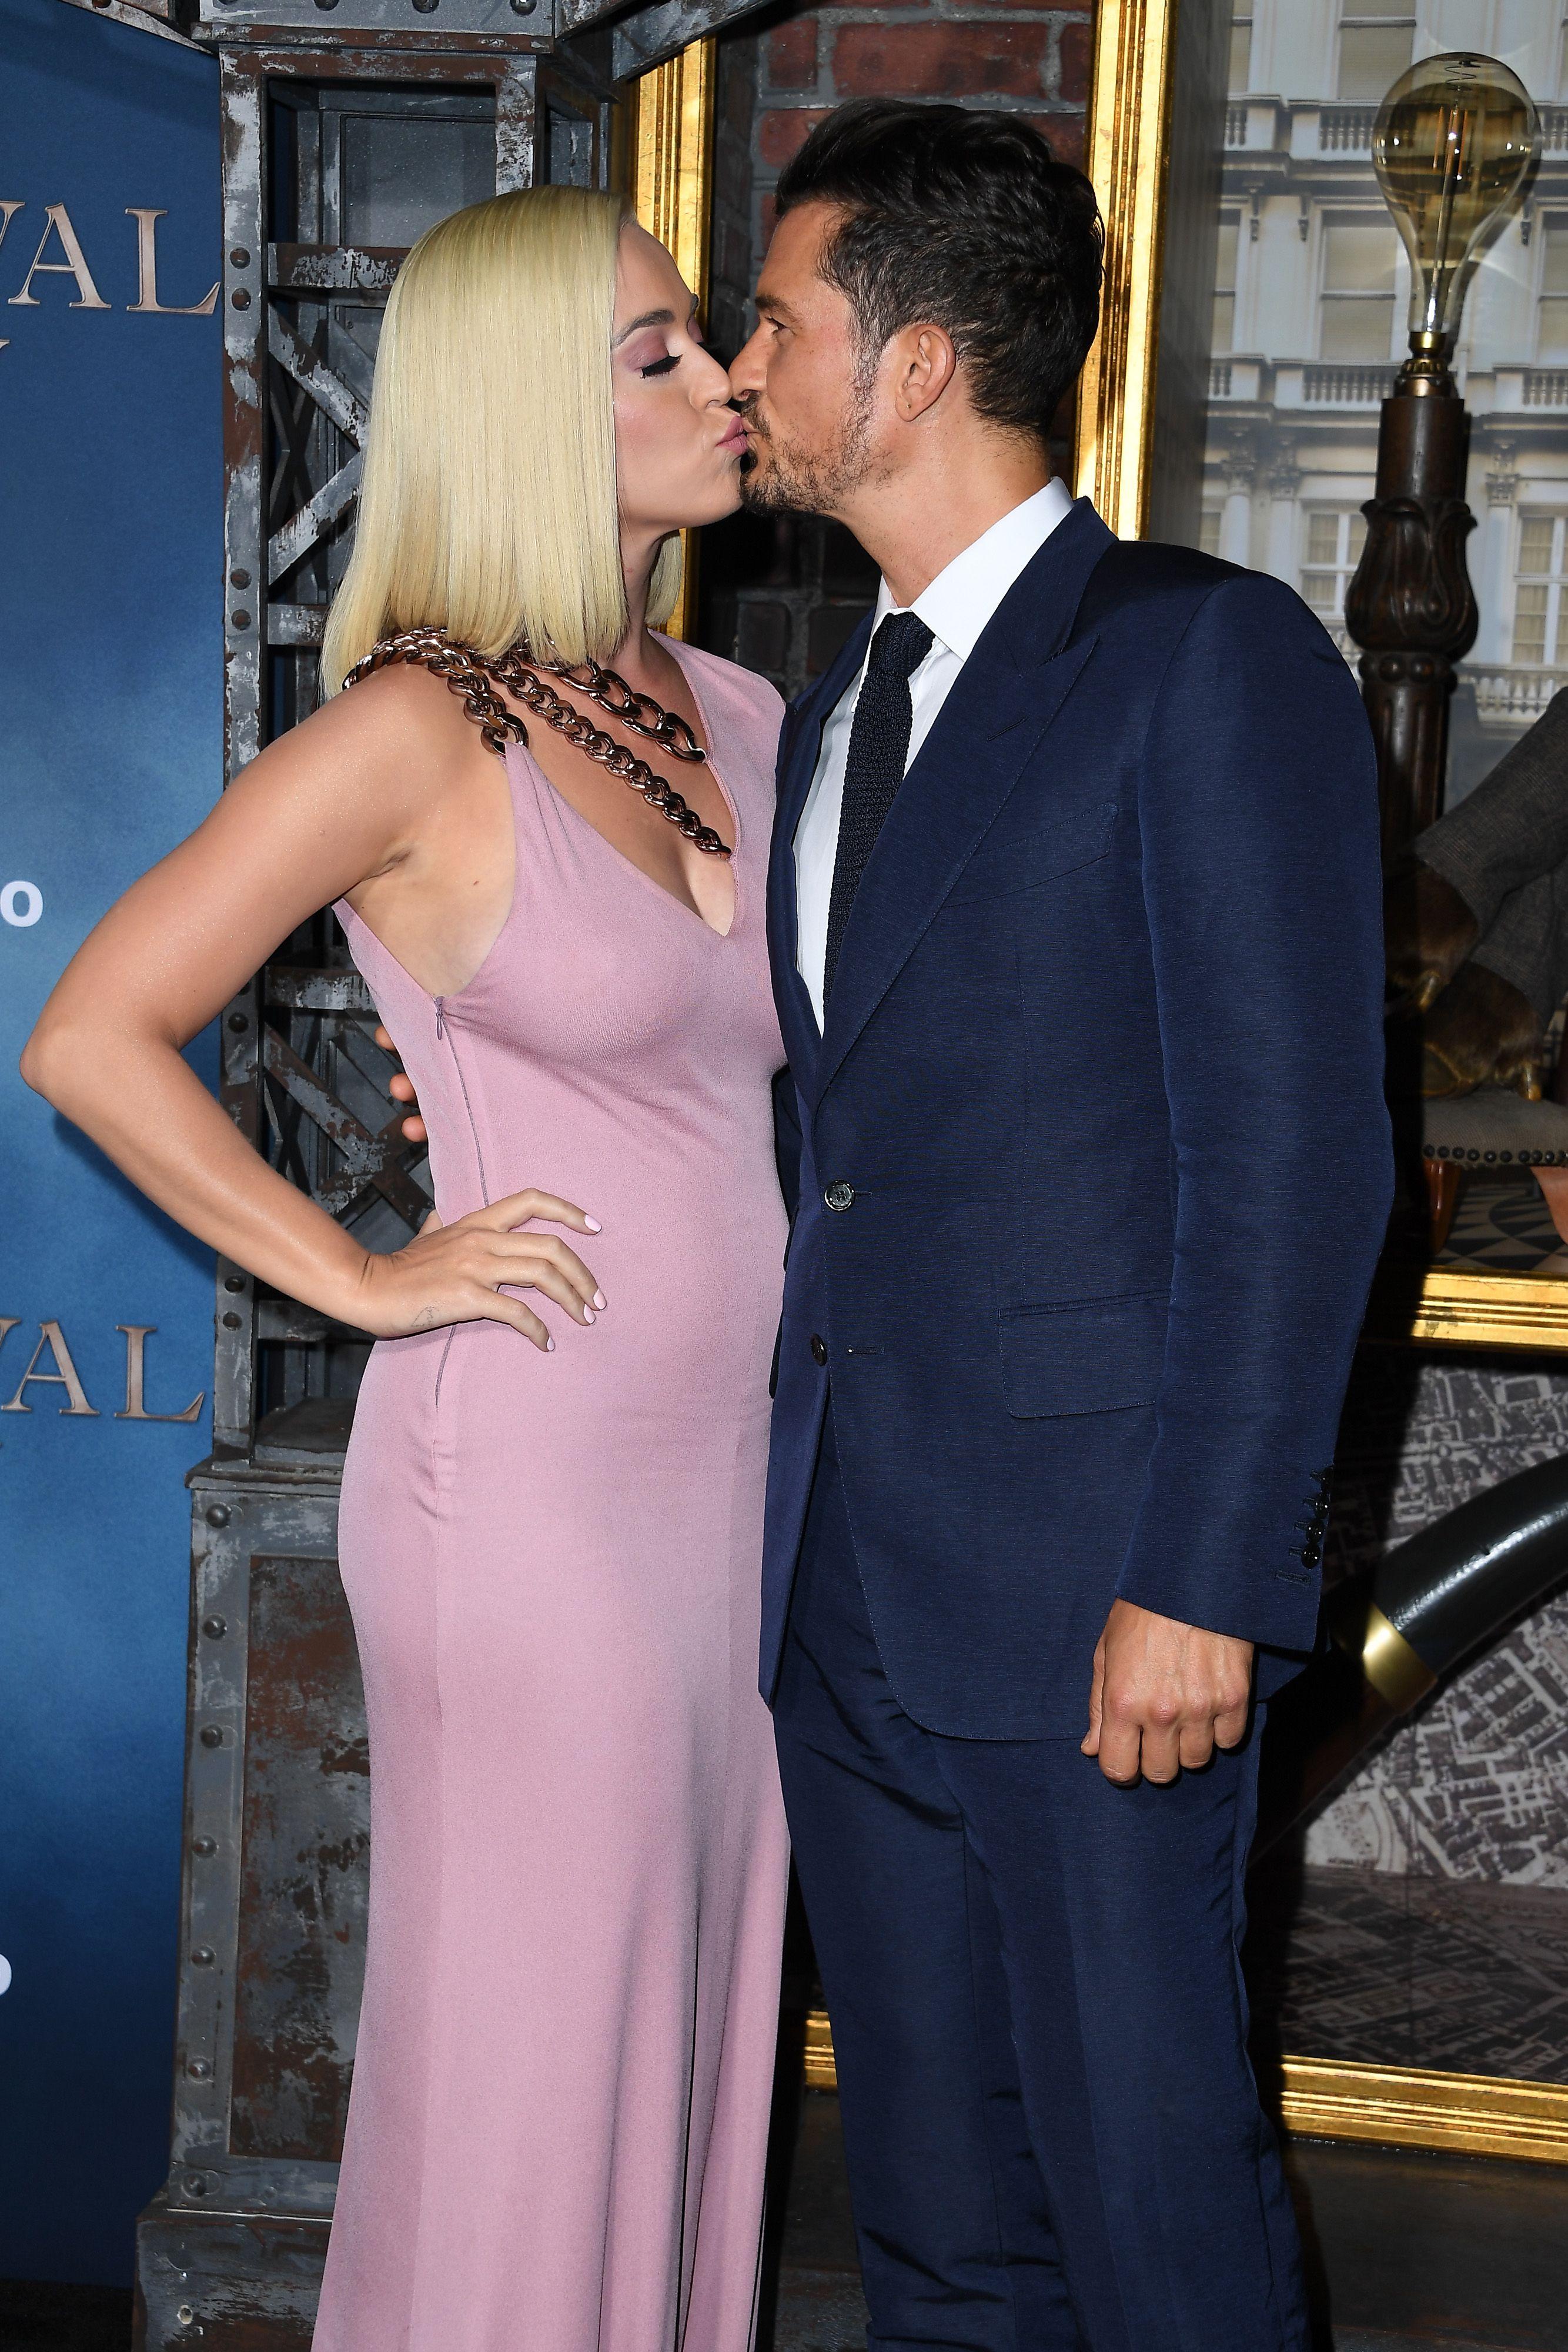 Orlando Bloom dating Kate Beckinsale lärare dating student från olika skola